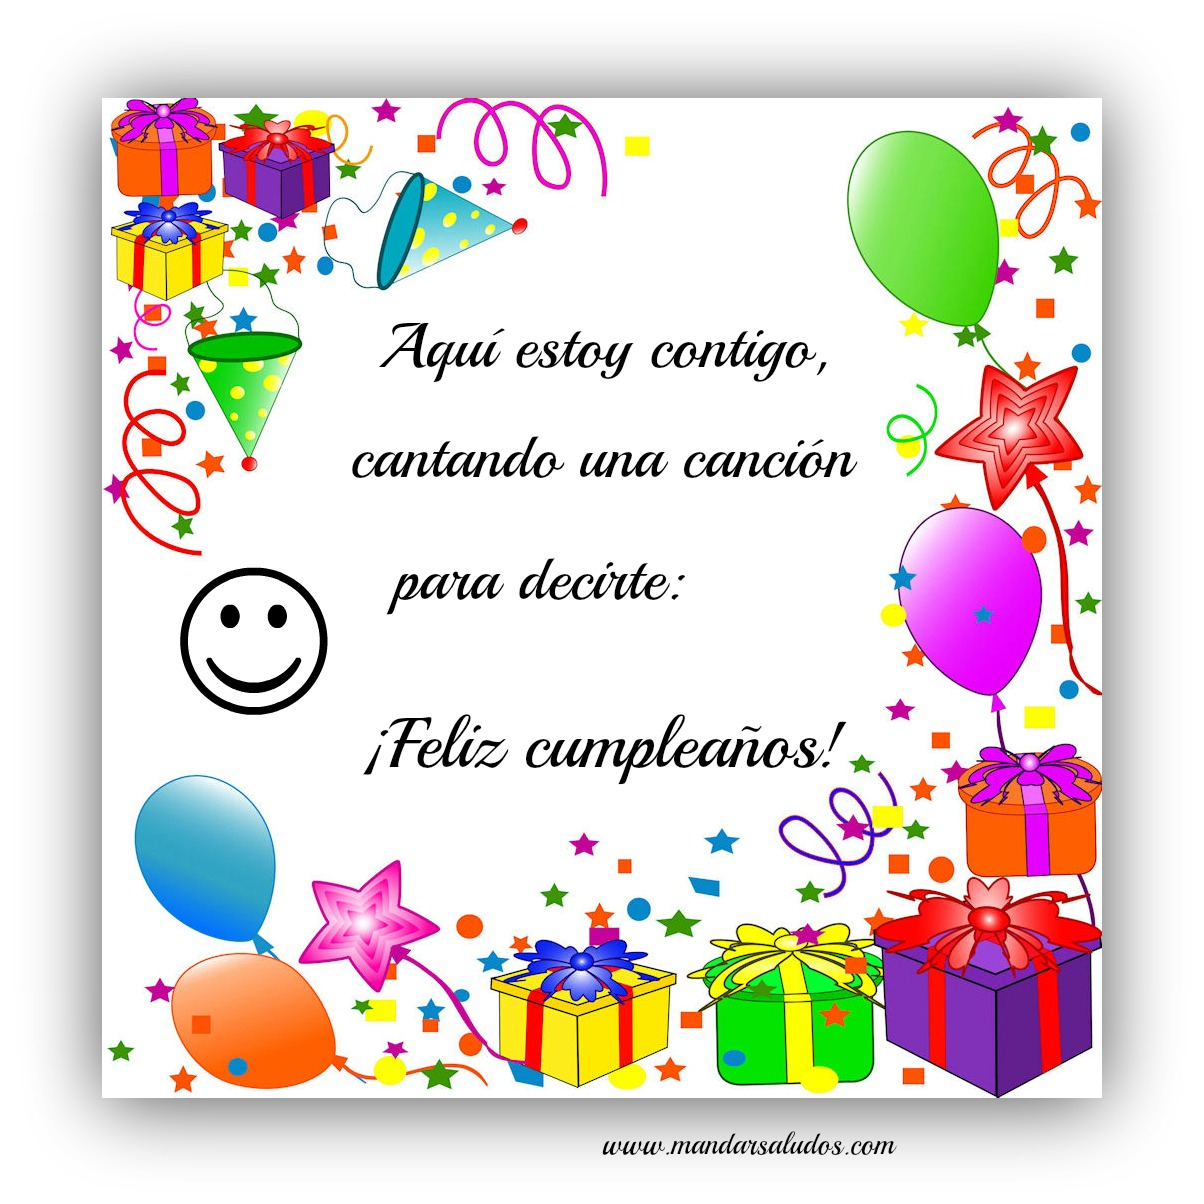 feliz-cumpleanos-3-saludos-de-cumpleanos-para-una-amiga-postal-de-feliz-cumpleaños-happy-birthday-invitaciones-imagenes-g